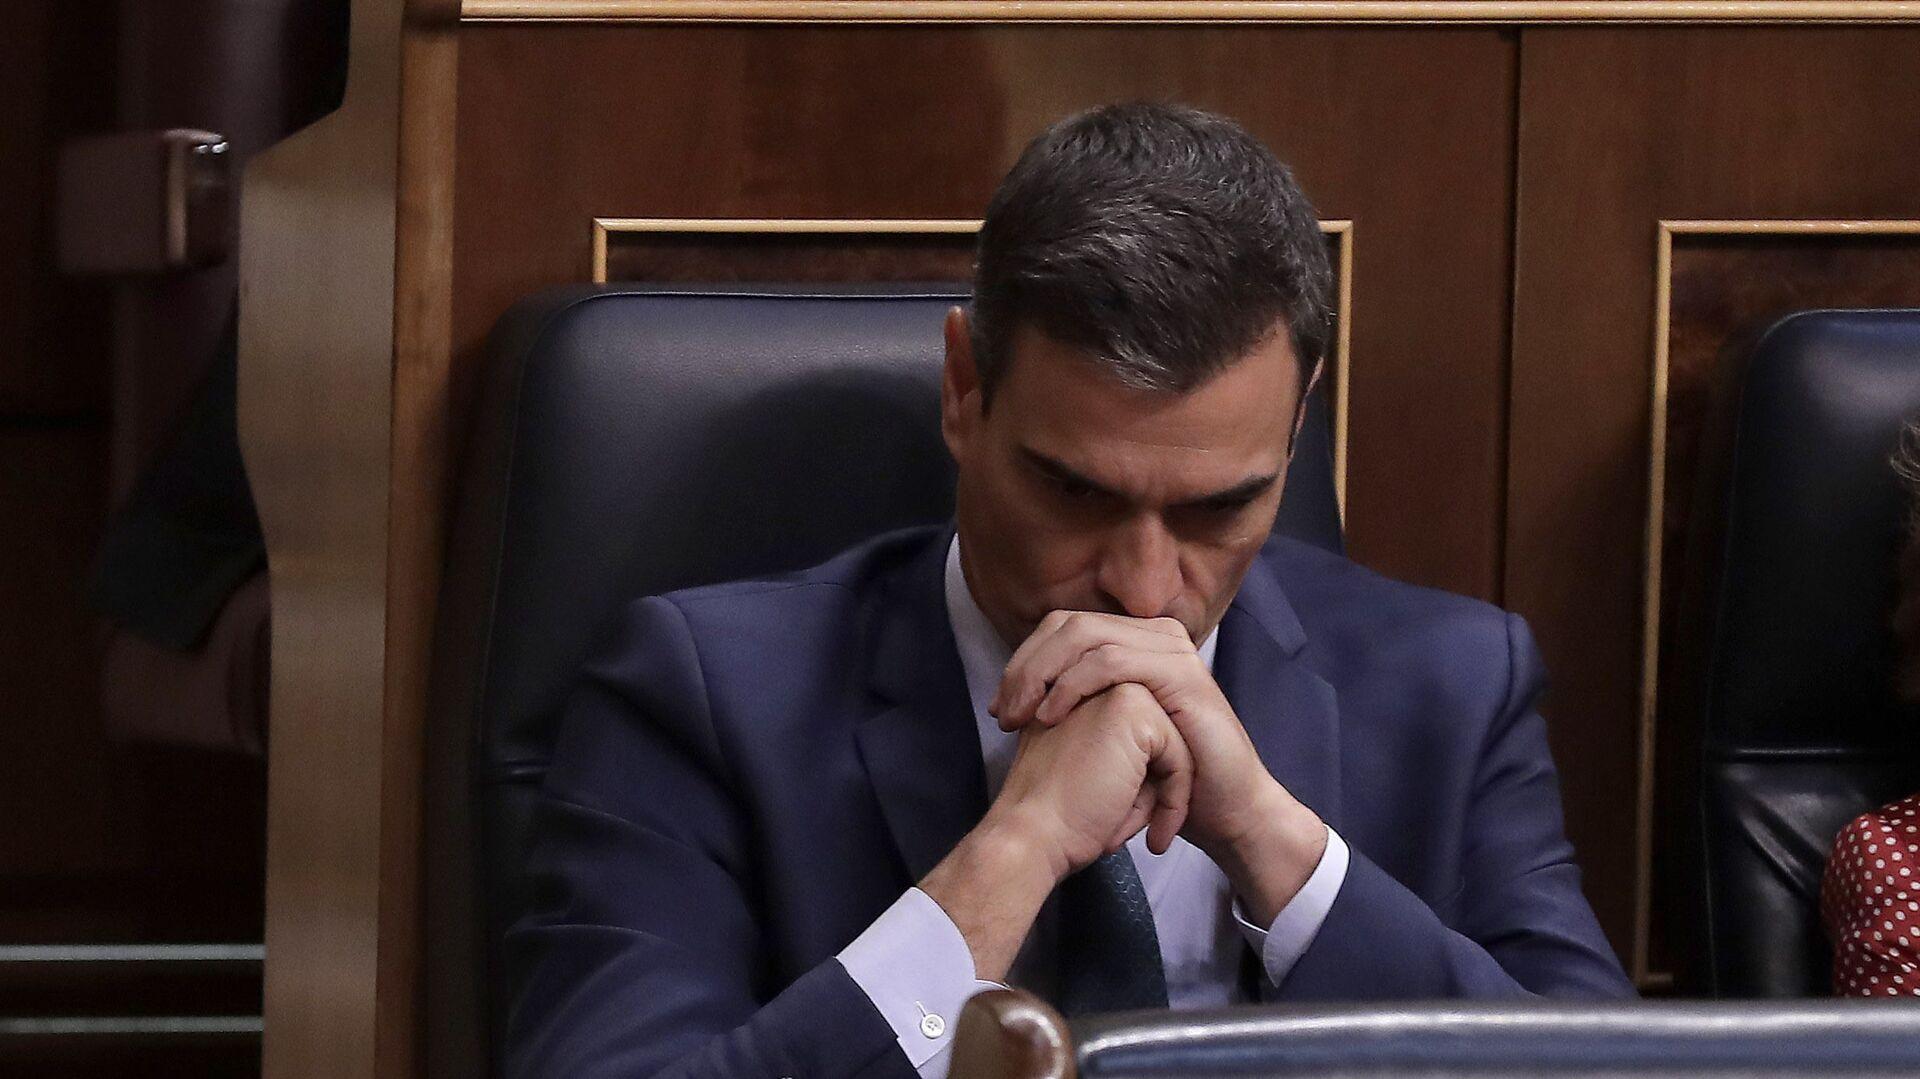 Pedro Sánchez en el Congreso de los Diputados - Sputnik Mundo, 1920, 16.06.2021